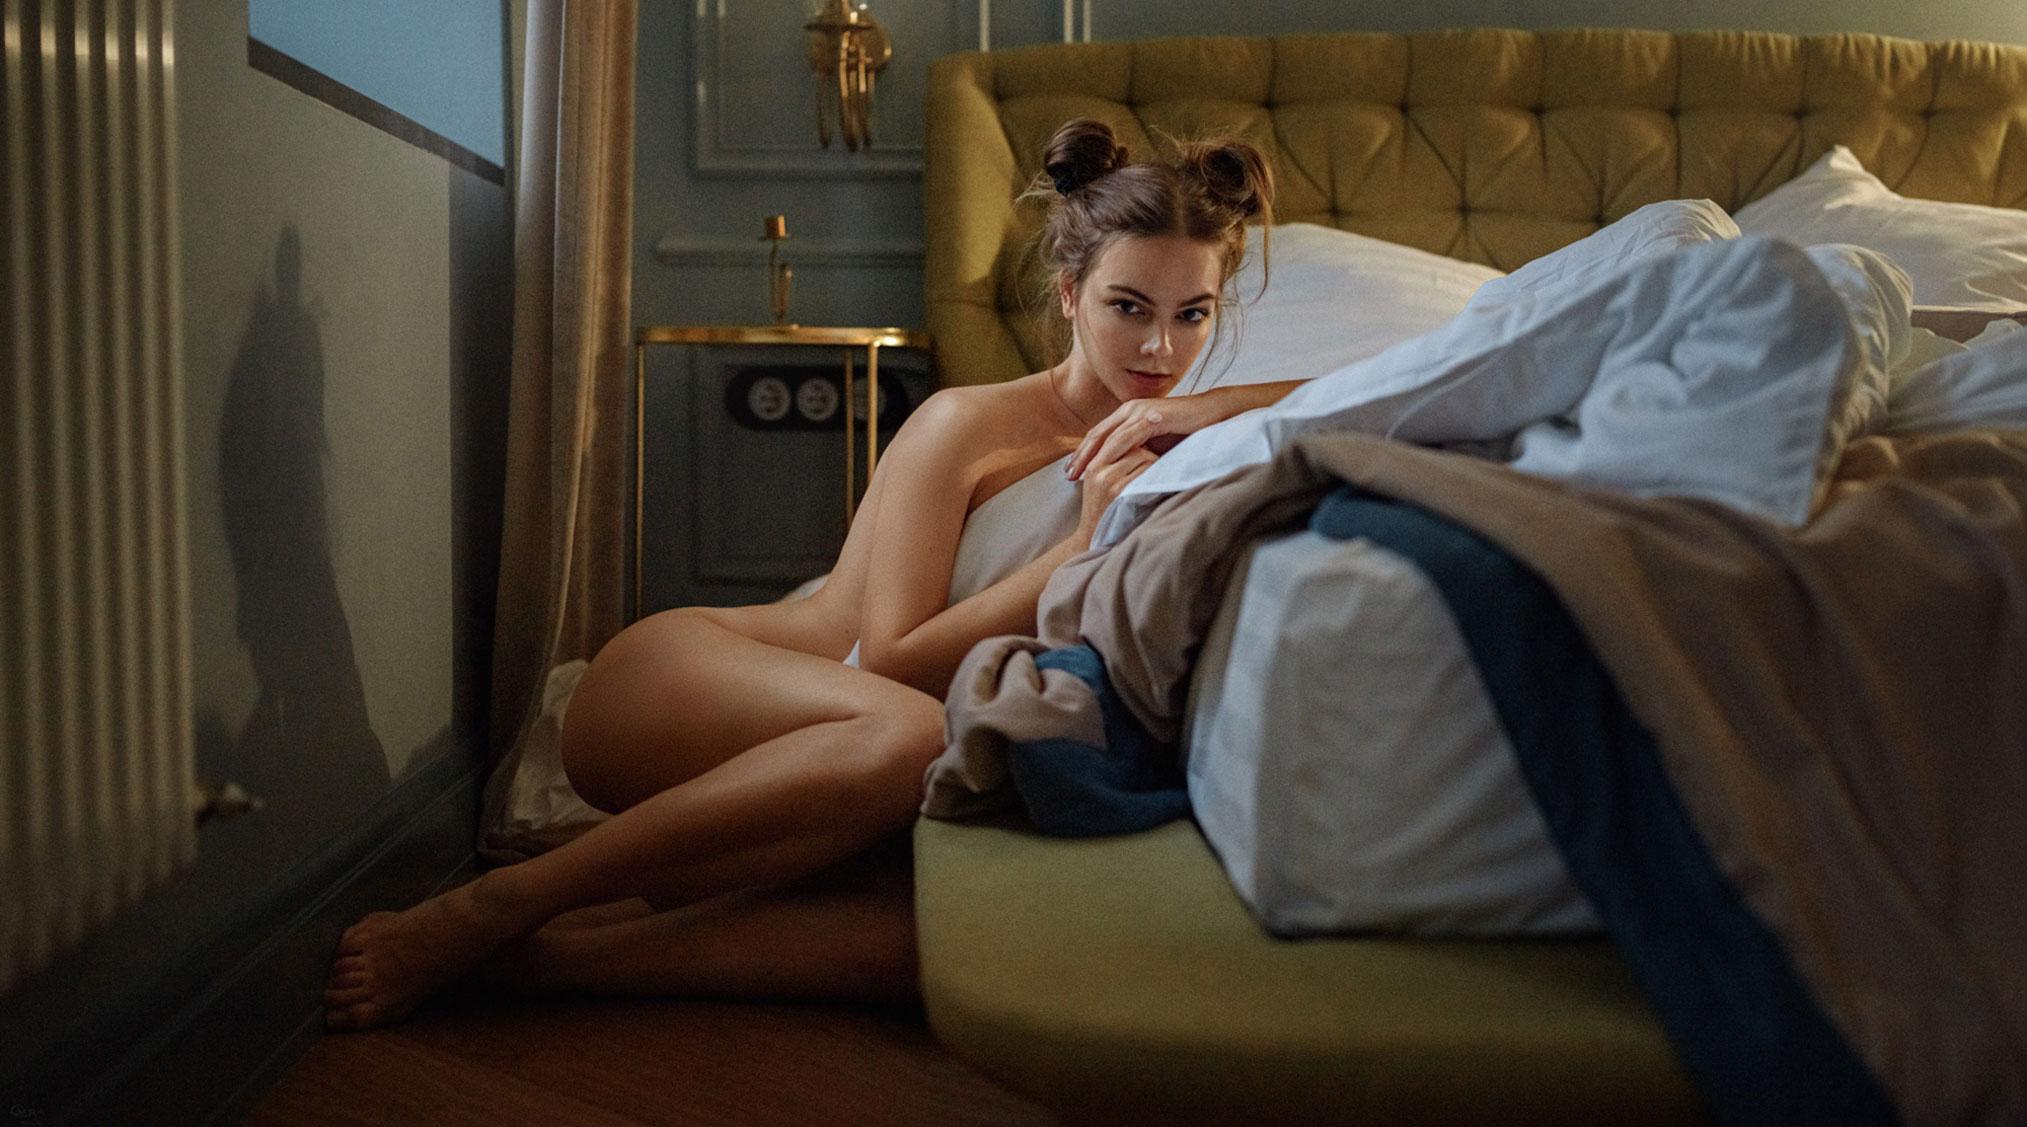 Мария Кудрявцева в тишине домашнего уюта / фото 01